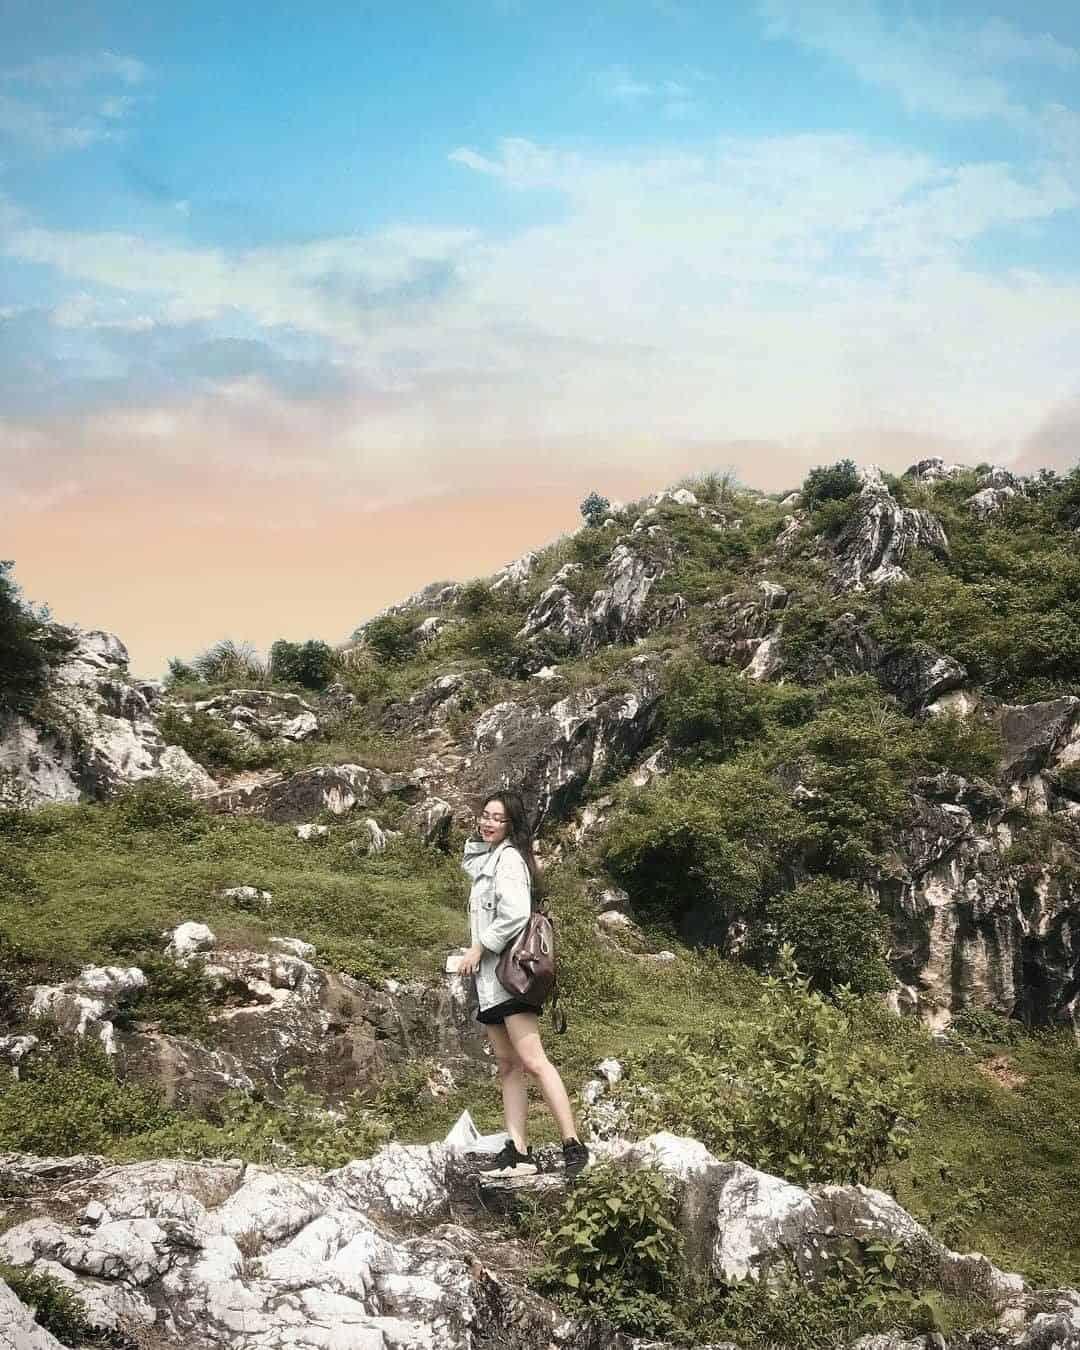 Núi Trầm không quá cao và khó đi nên rất phù hợp cho các chuyến picnic cuối tuần. Ảnh:@xu_pham18